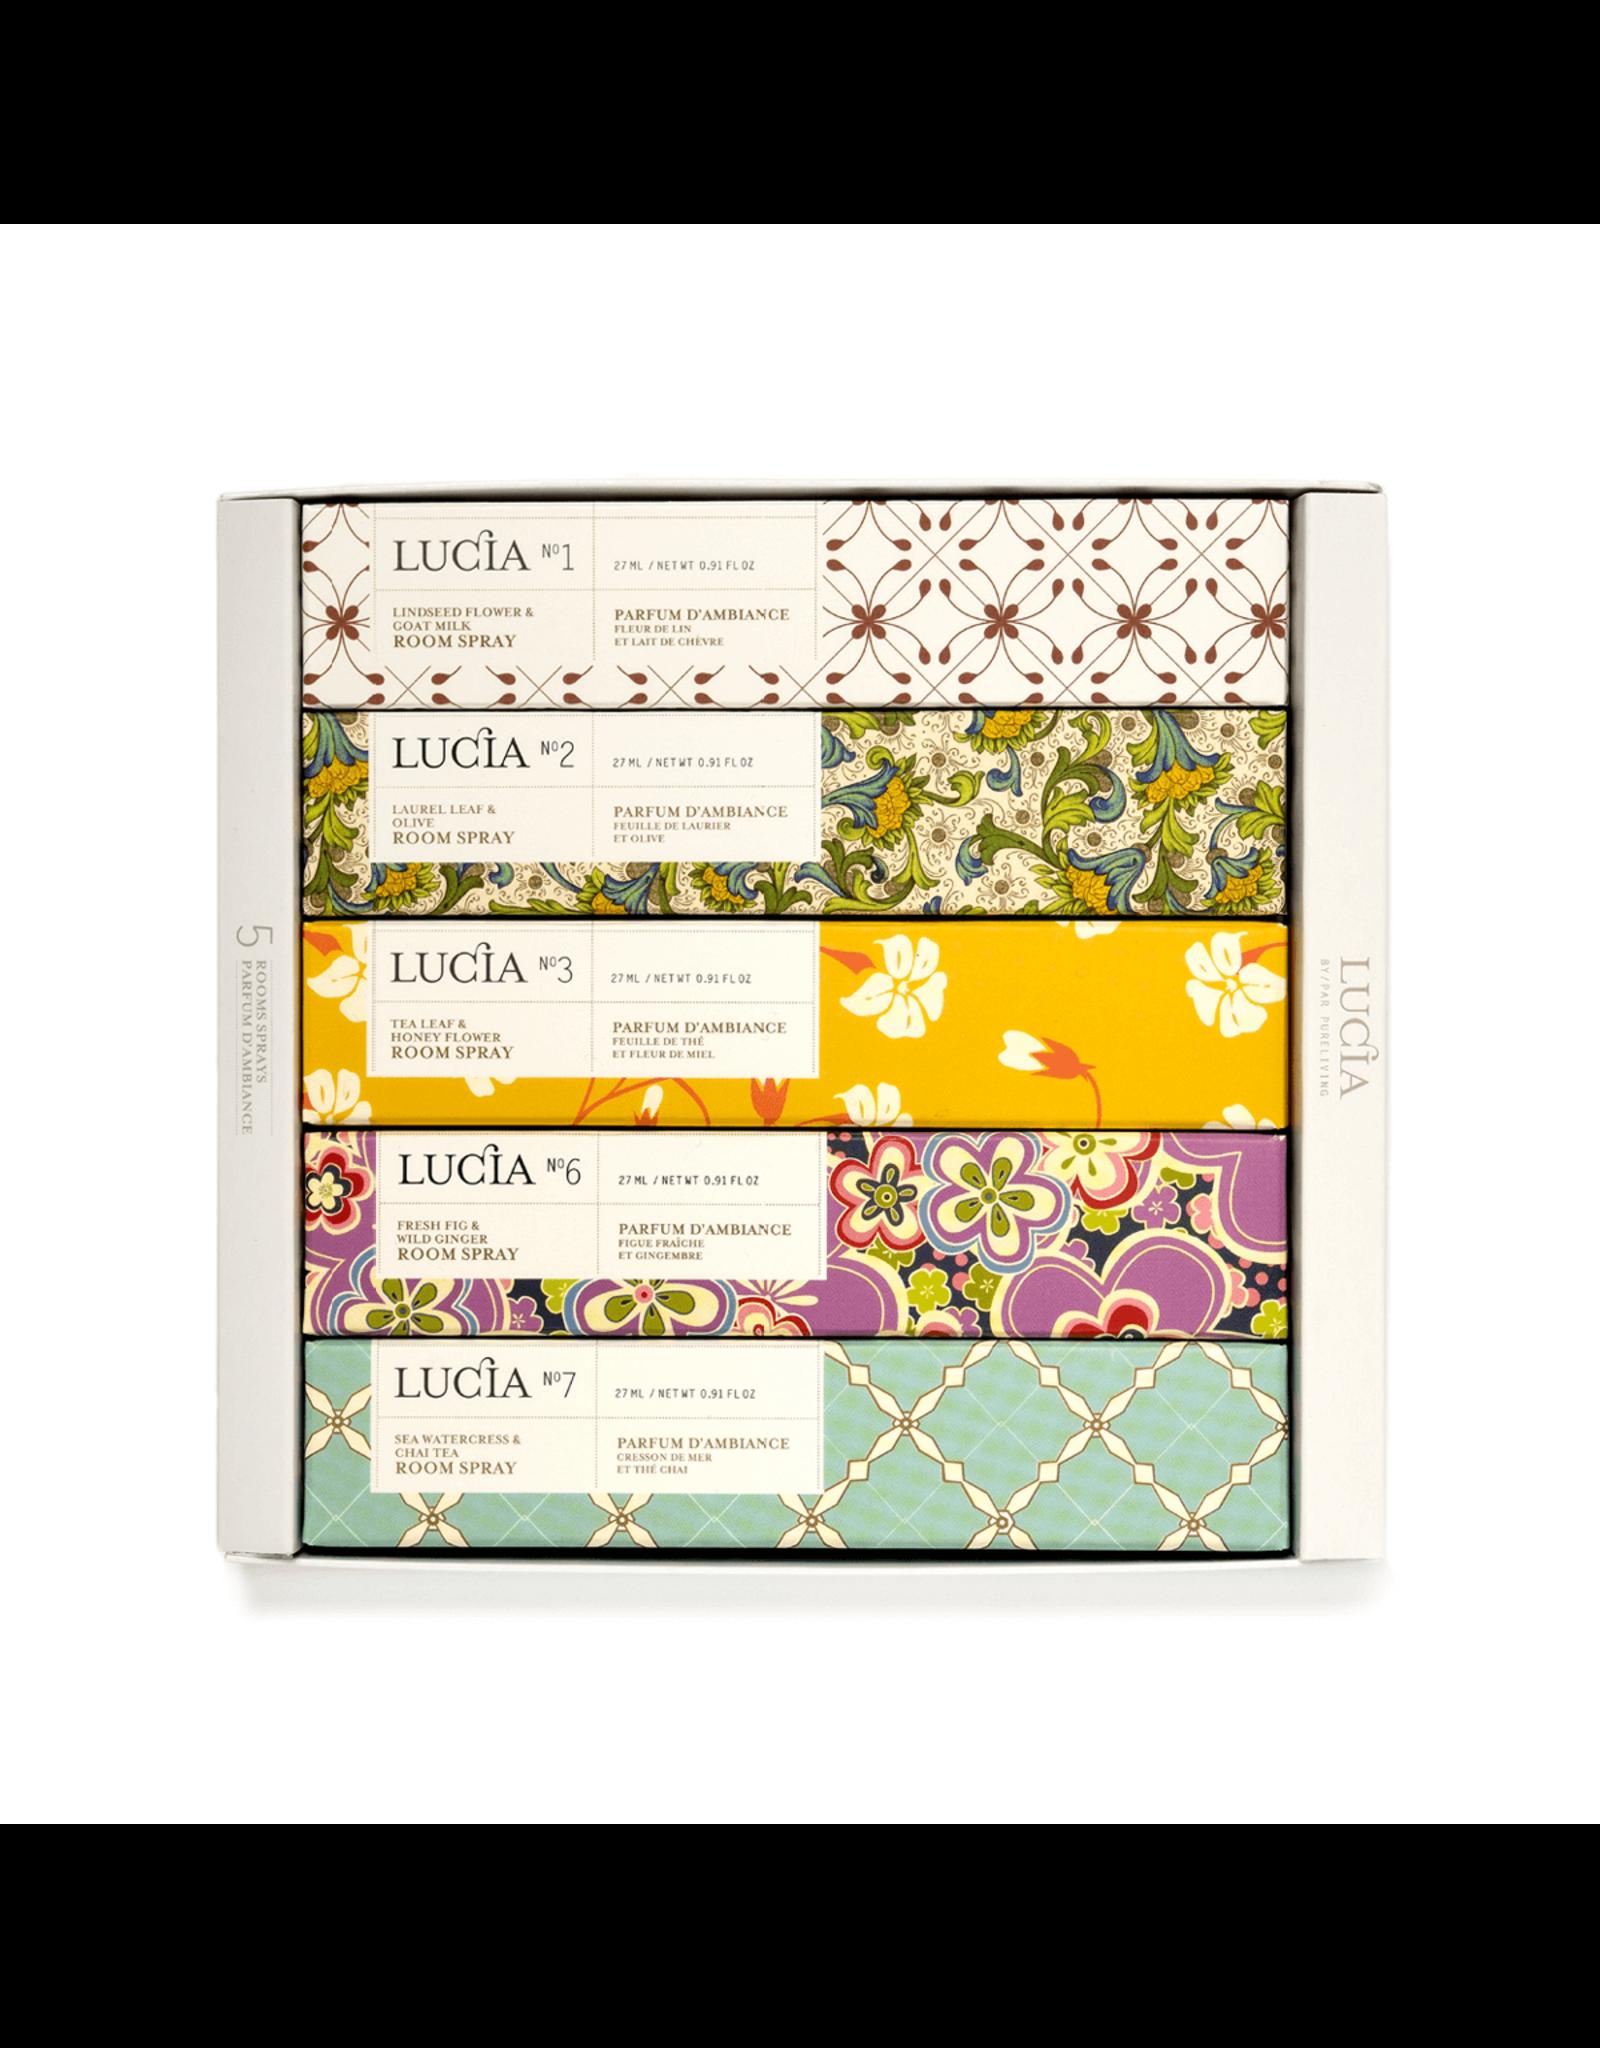 Lucia - Assortiment de parfum d'ambiance N1, N2, N3, N6, N7 (5 x 27 ml)